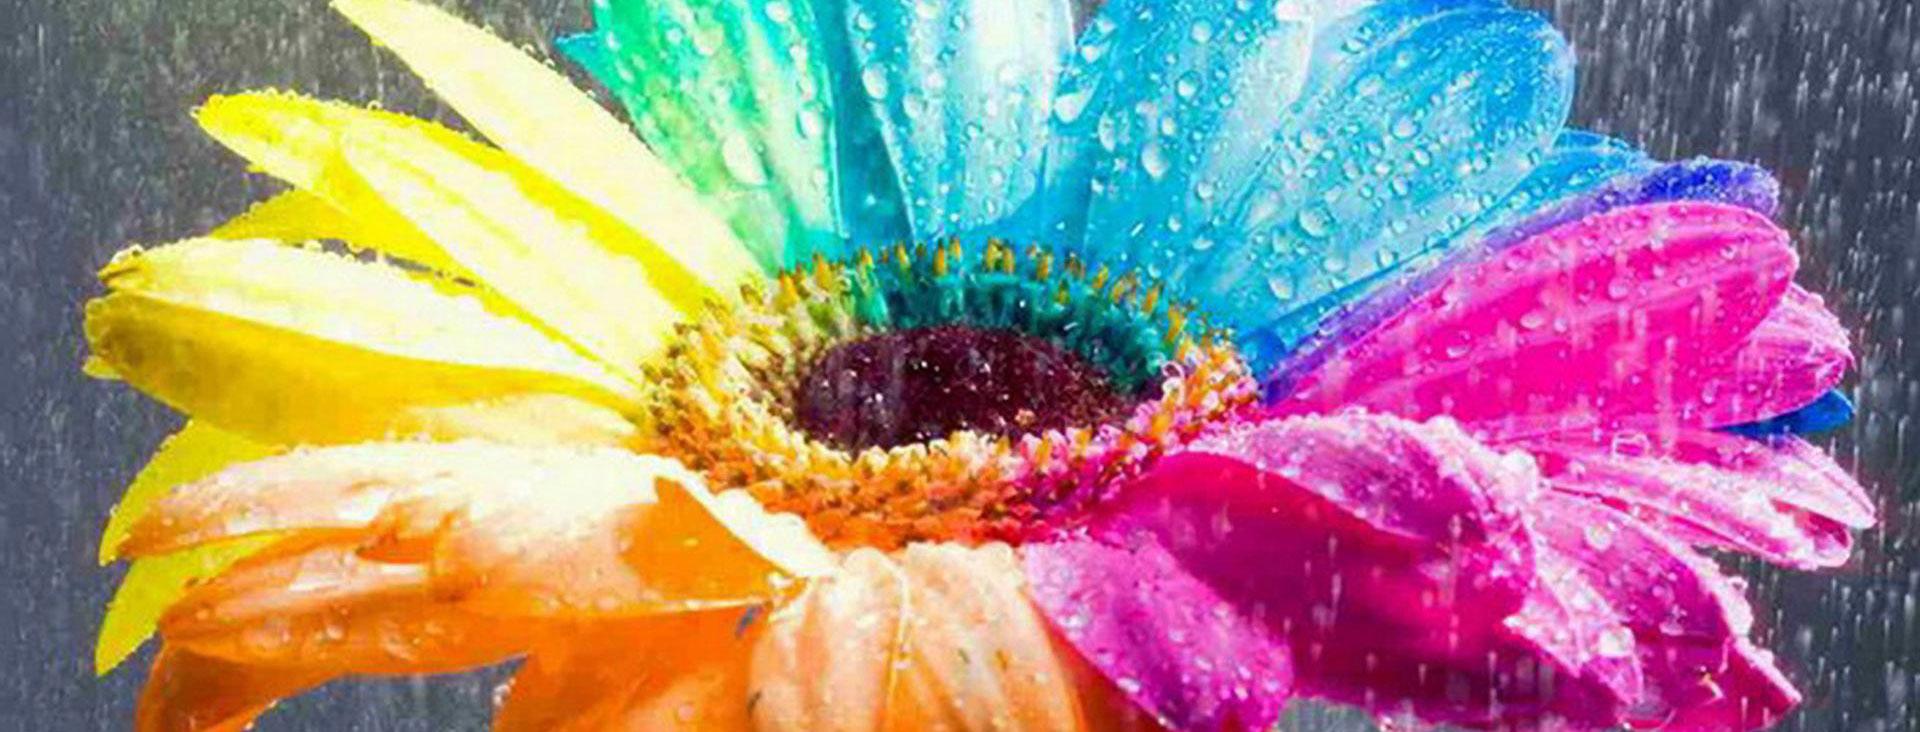 Фразеология цвета в английском языке